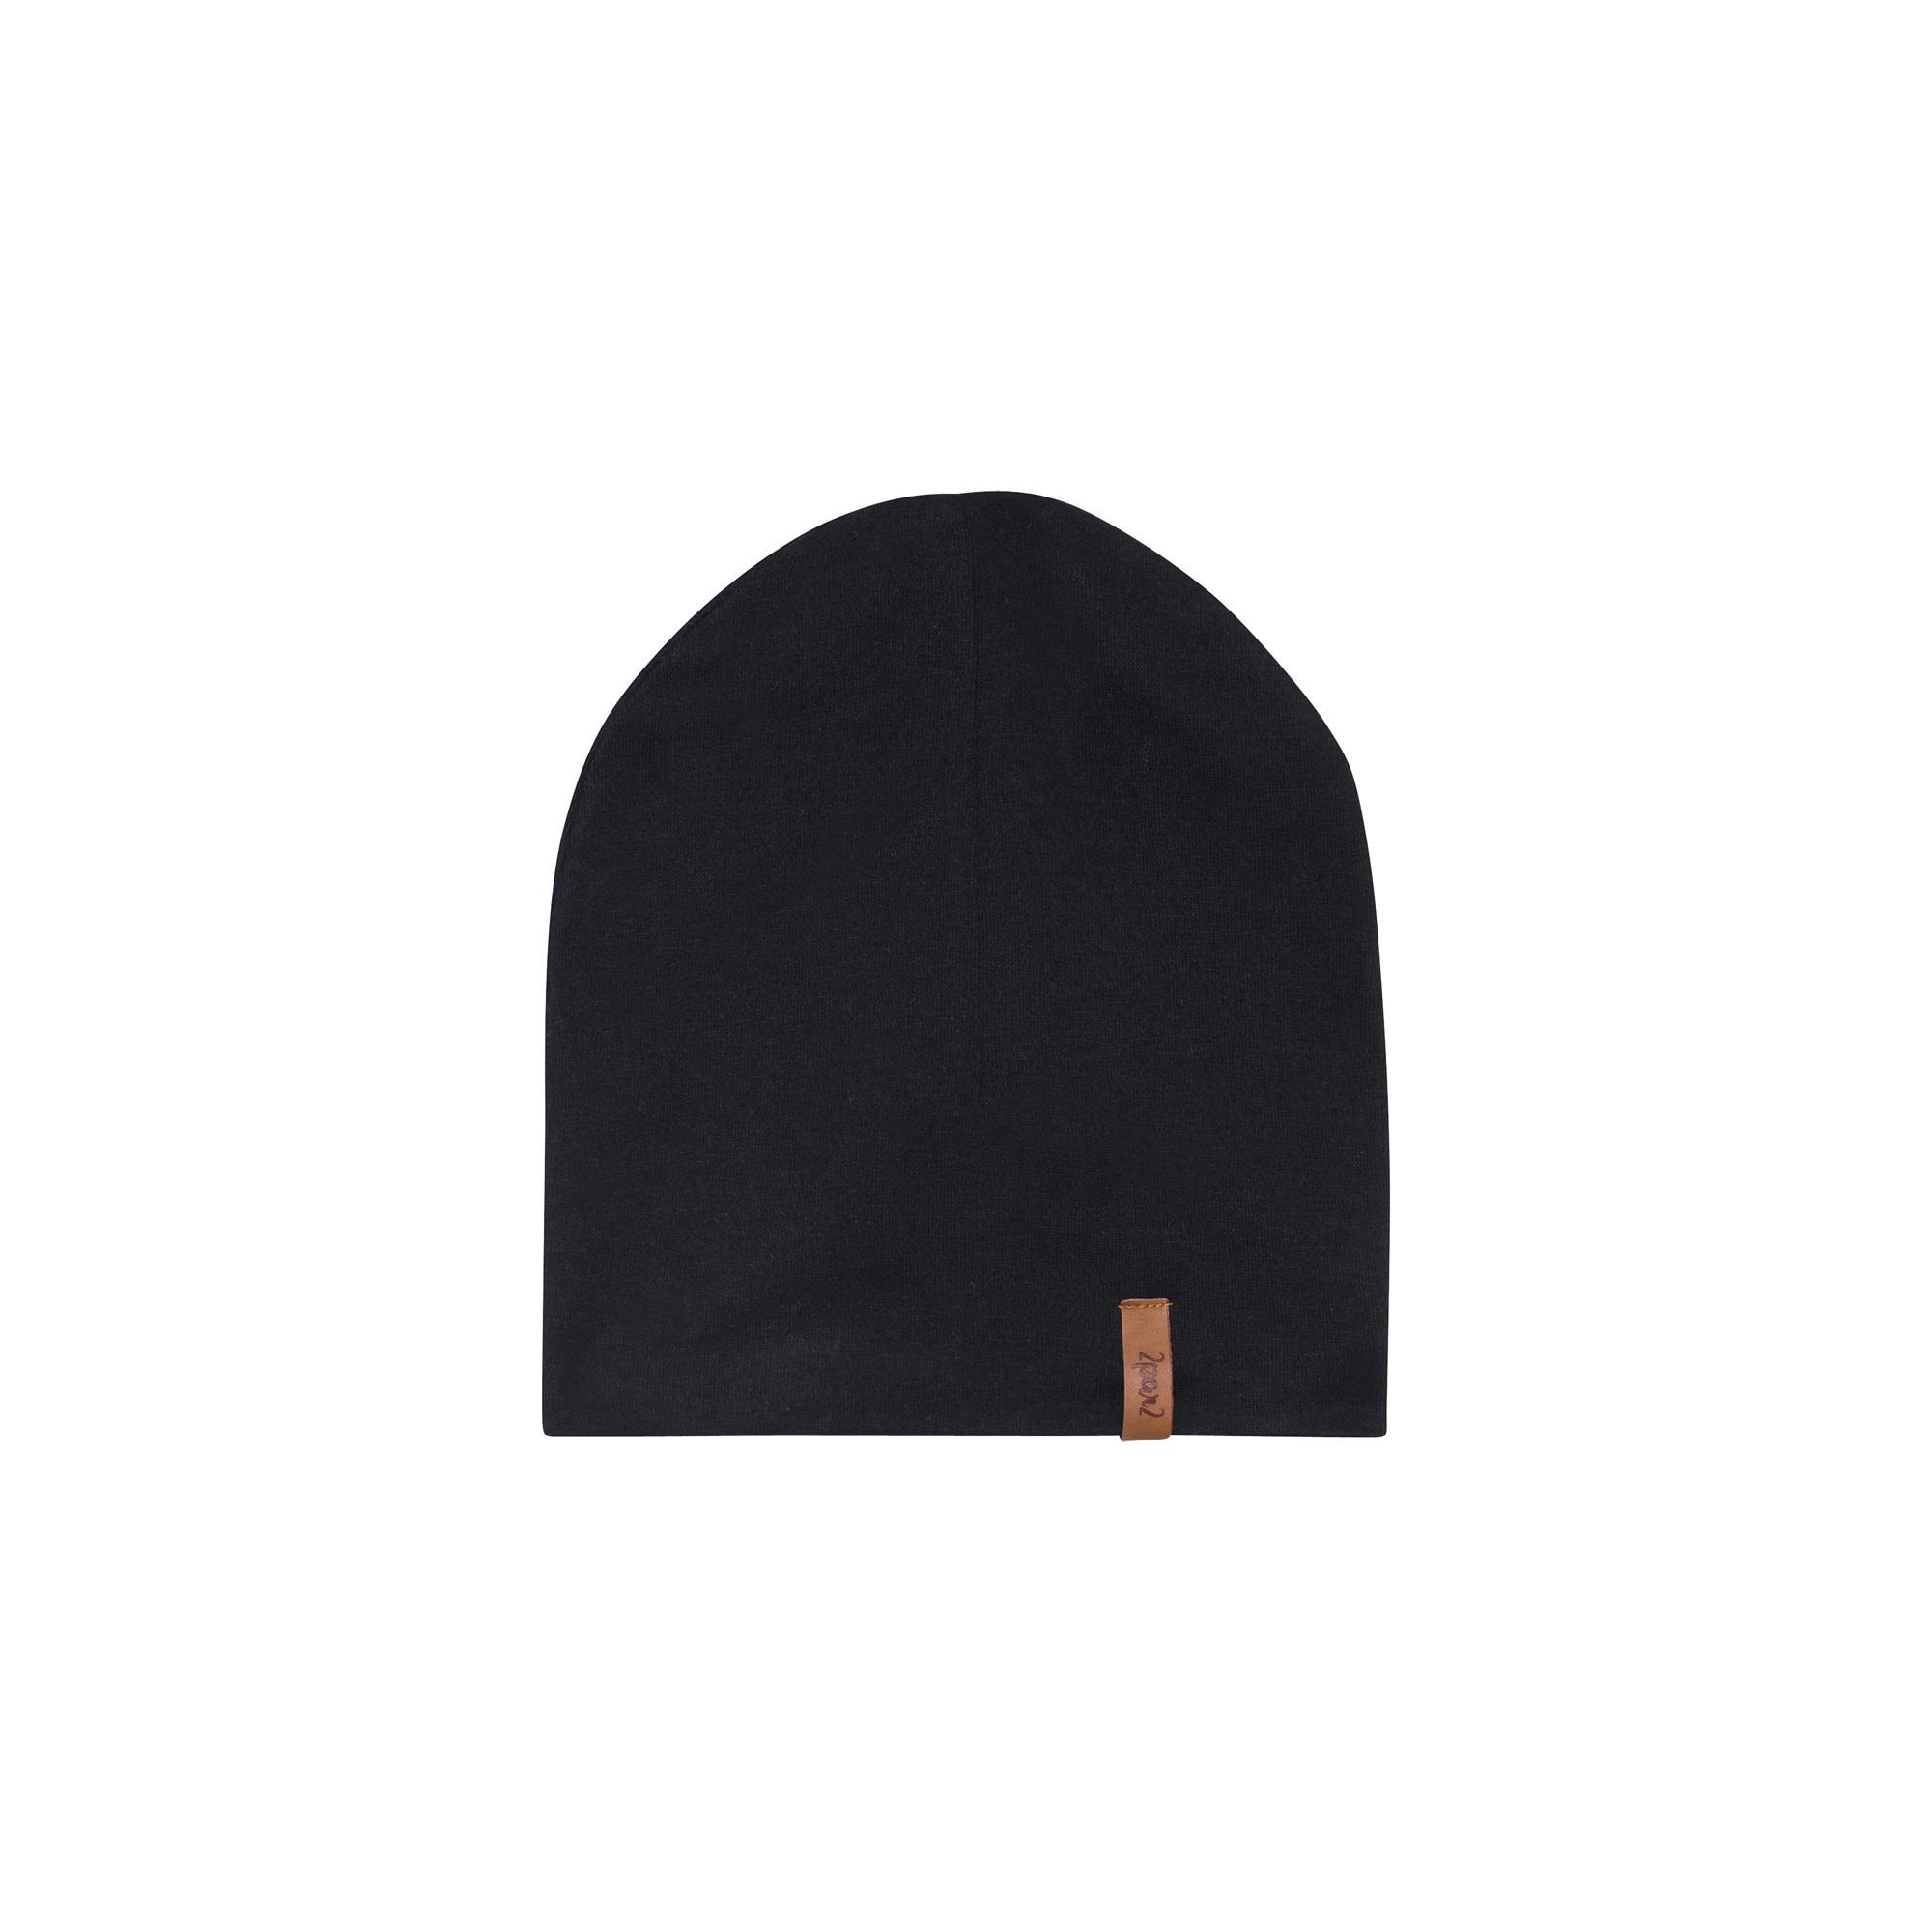 Bonnet Noir-6